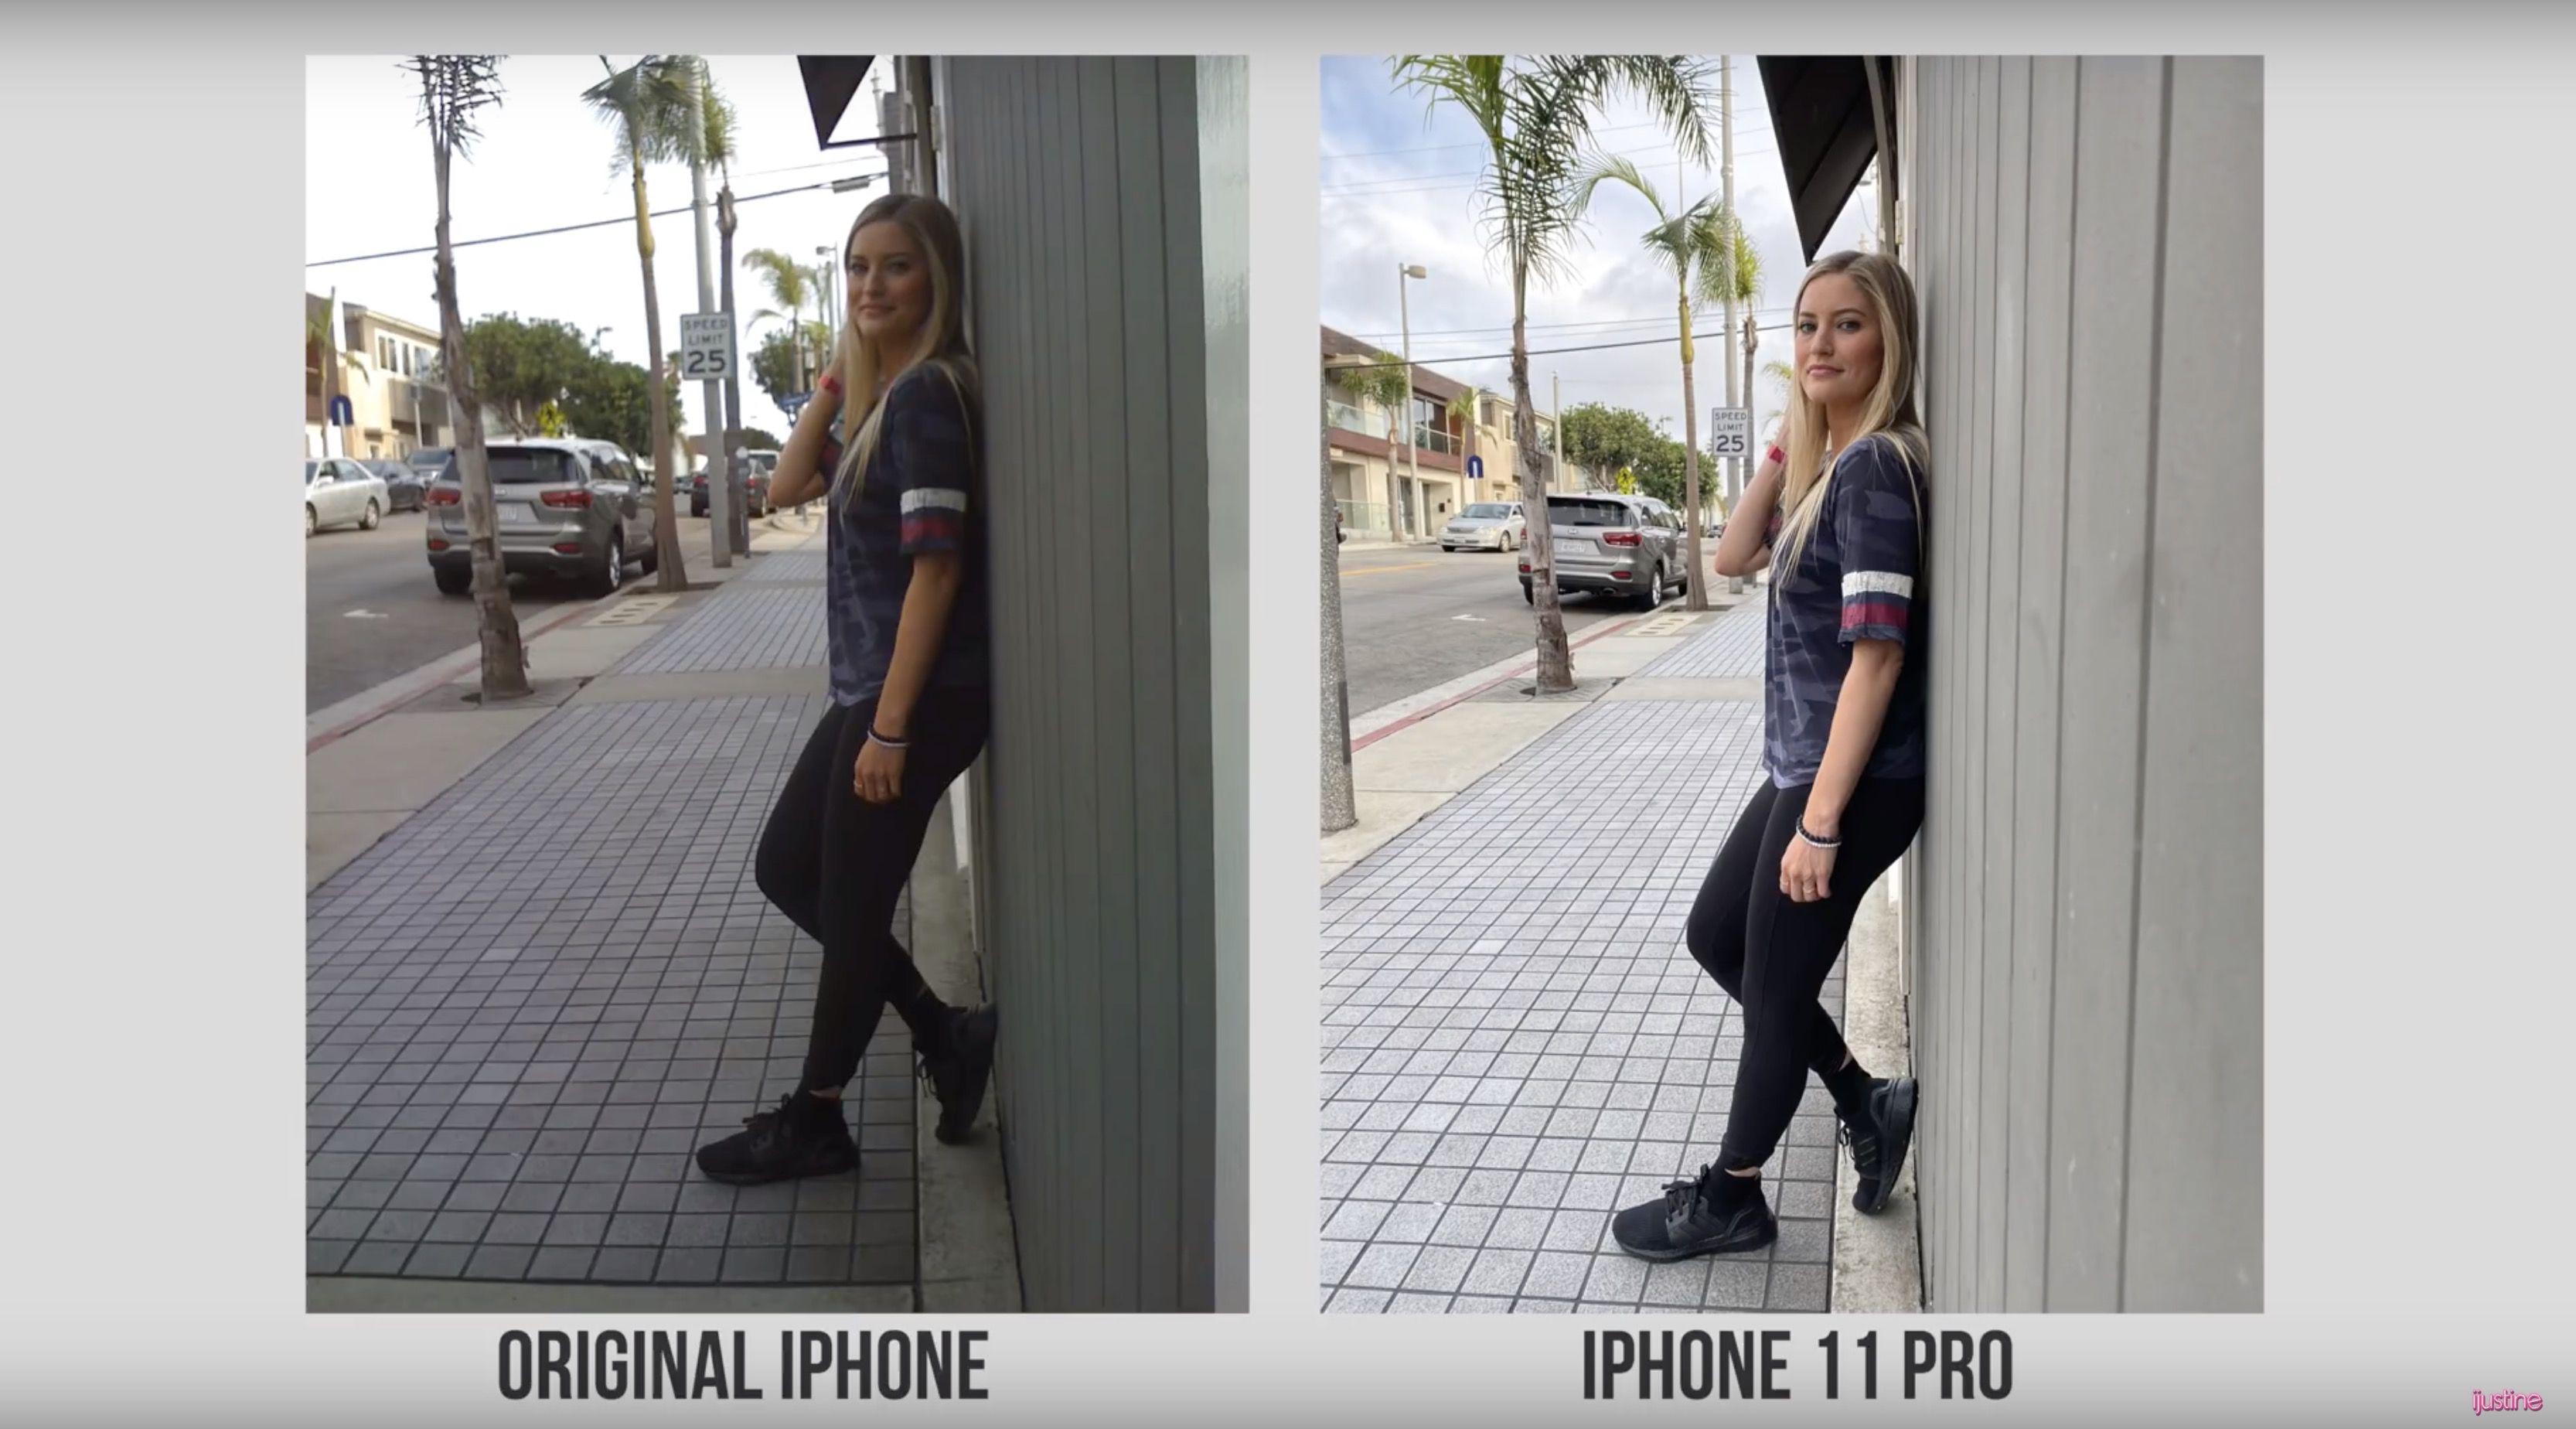 iPhone 11 Pro vs. original iPhone camera